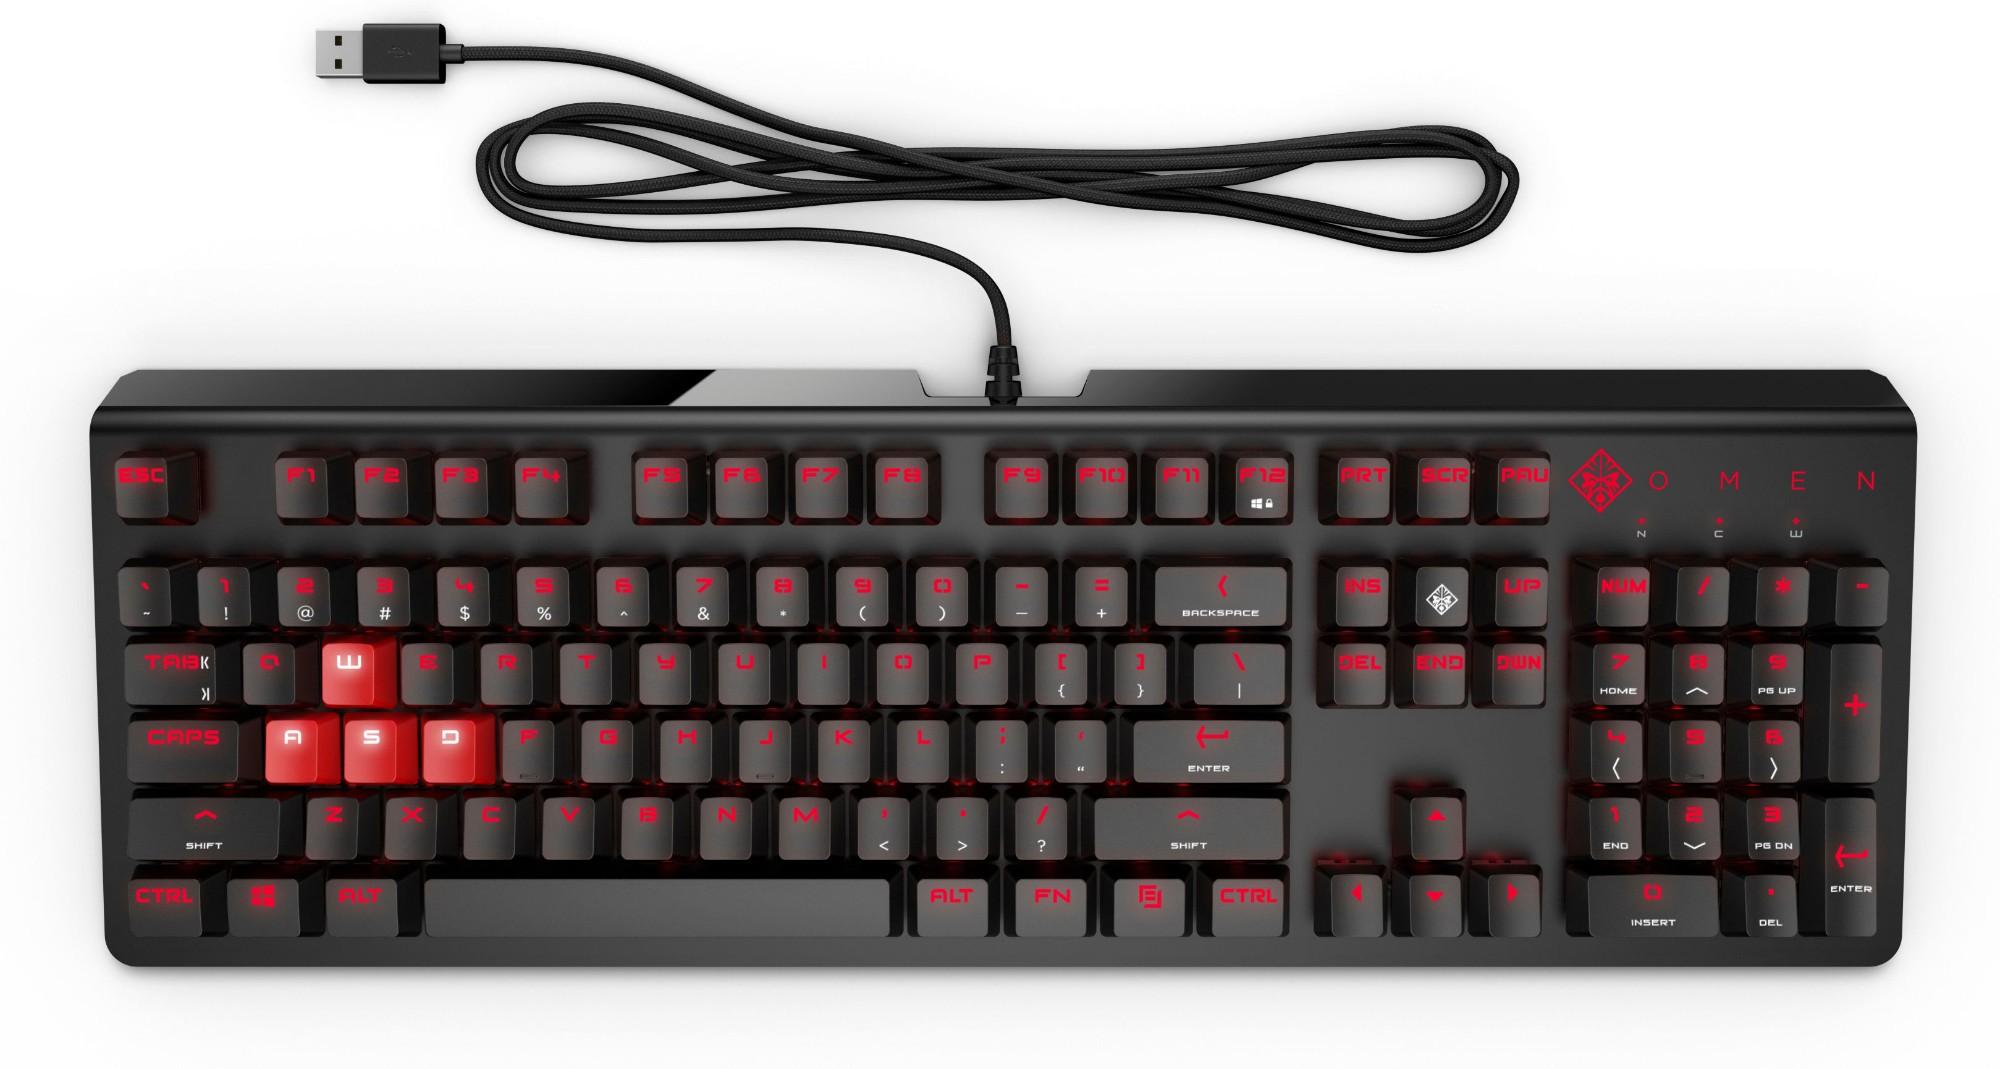 HP OMEN by Keyboard 1100